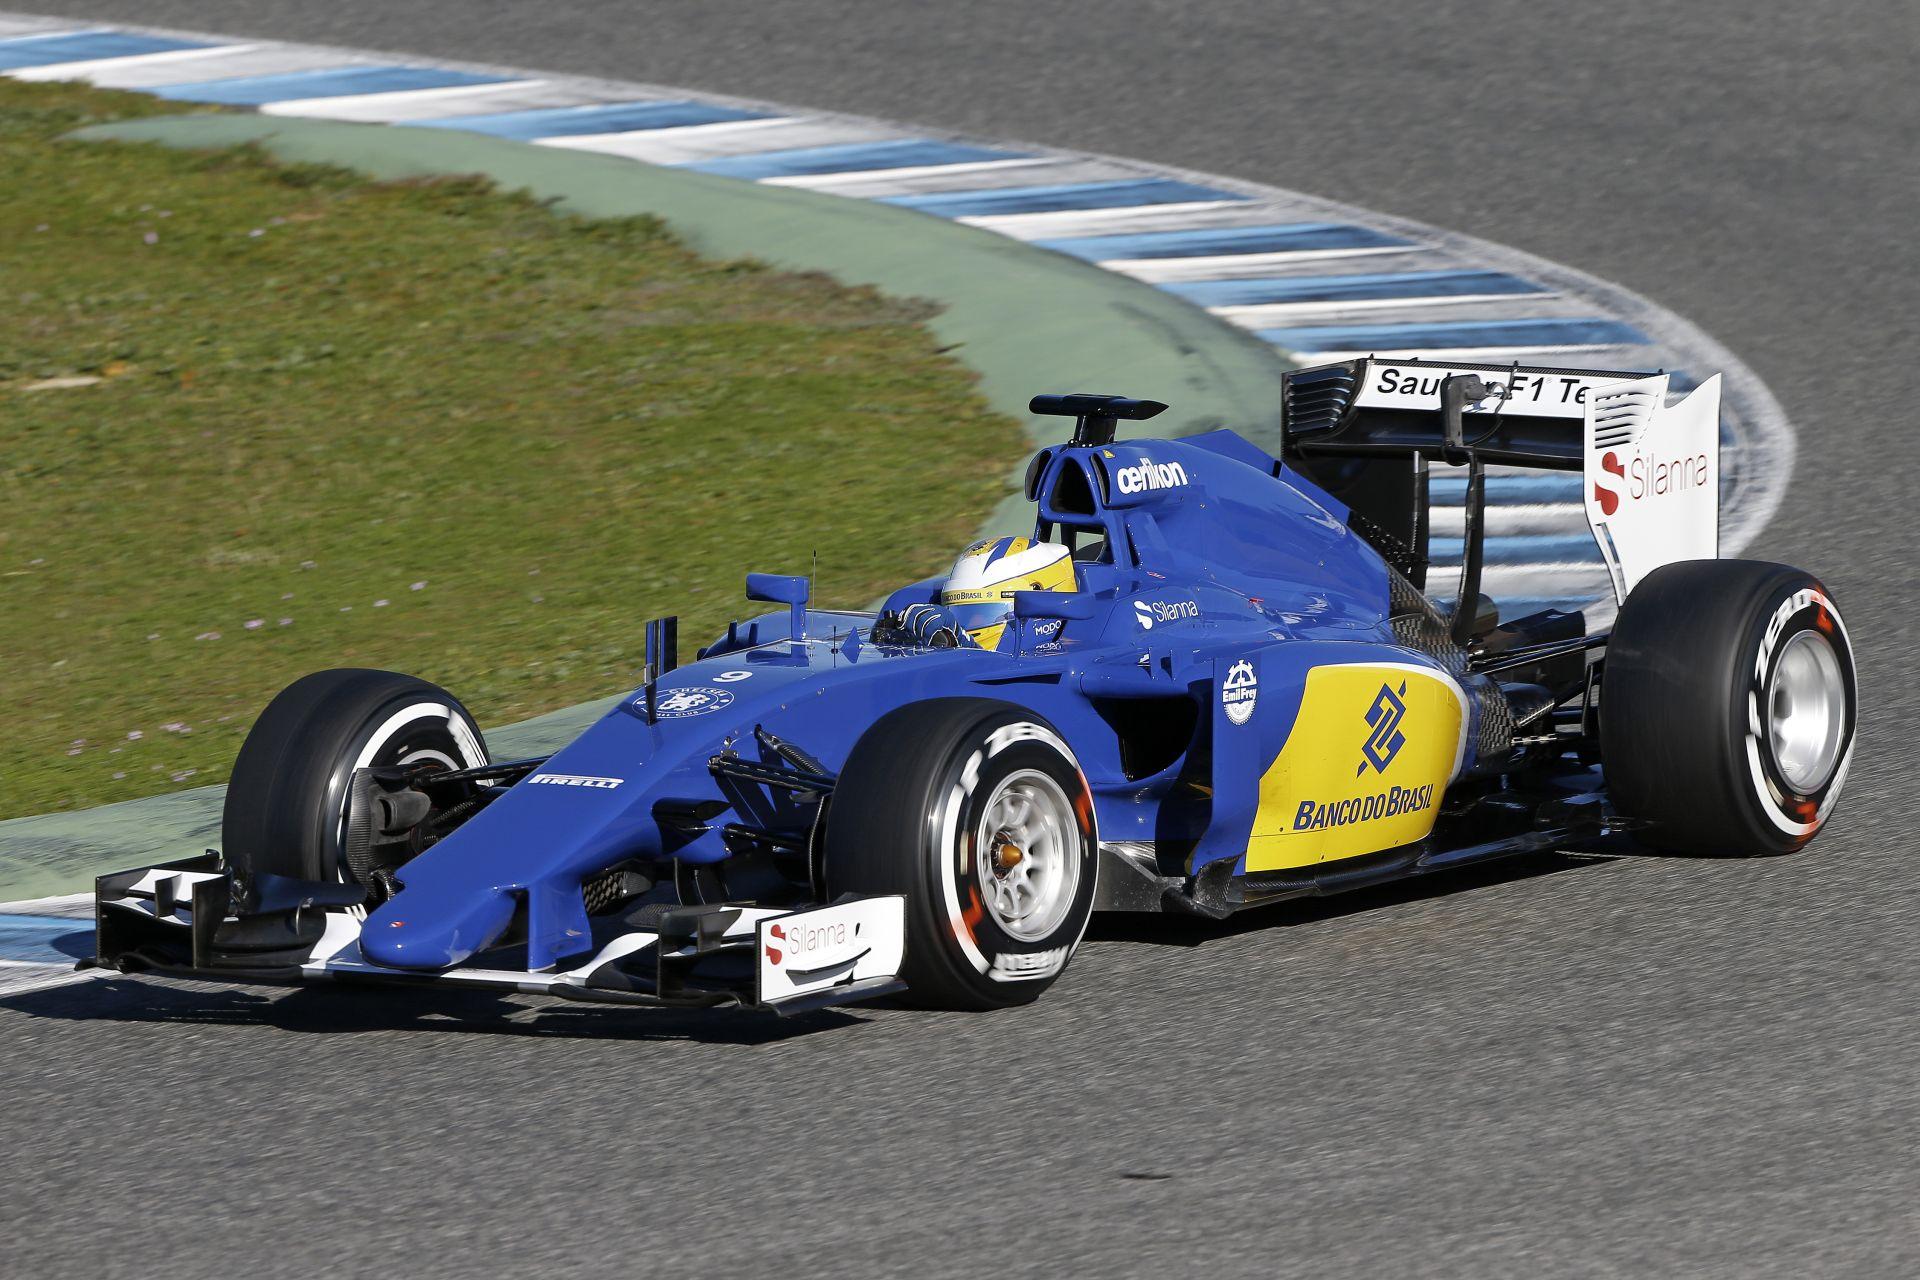 """Villantott a Sauber Jerezben: Második lett a """"mágikus"""" Ericsson"""